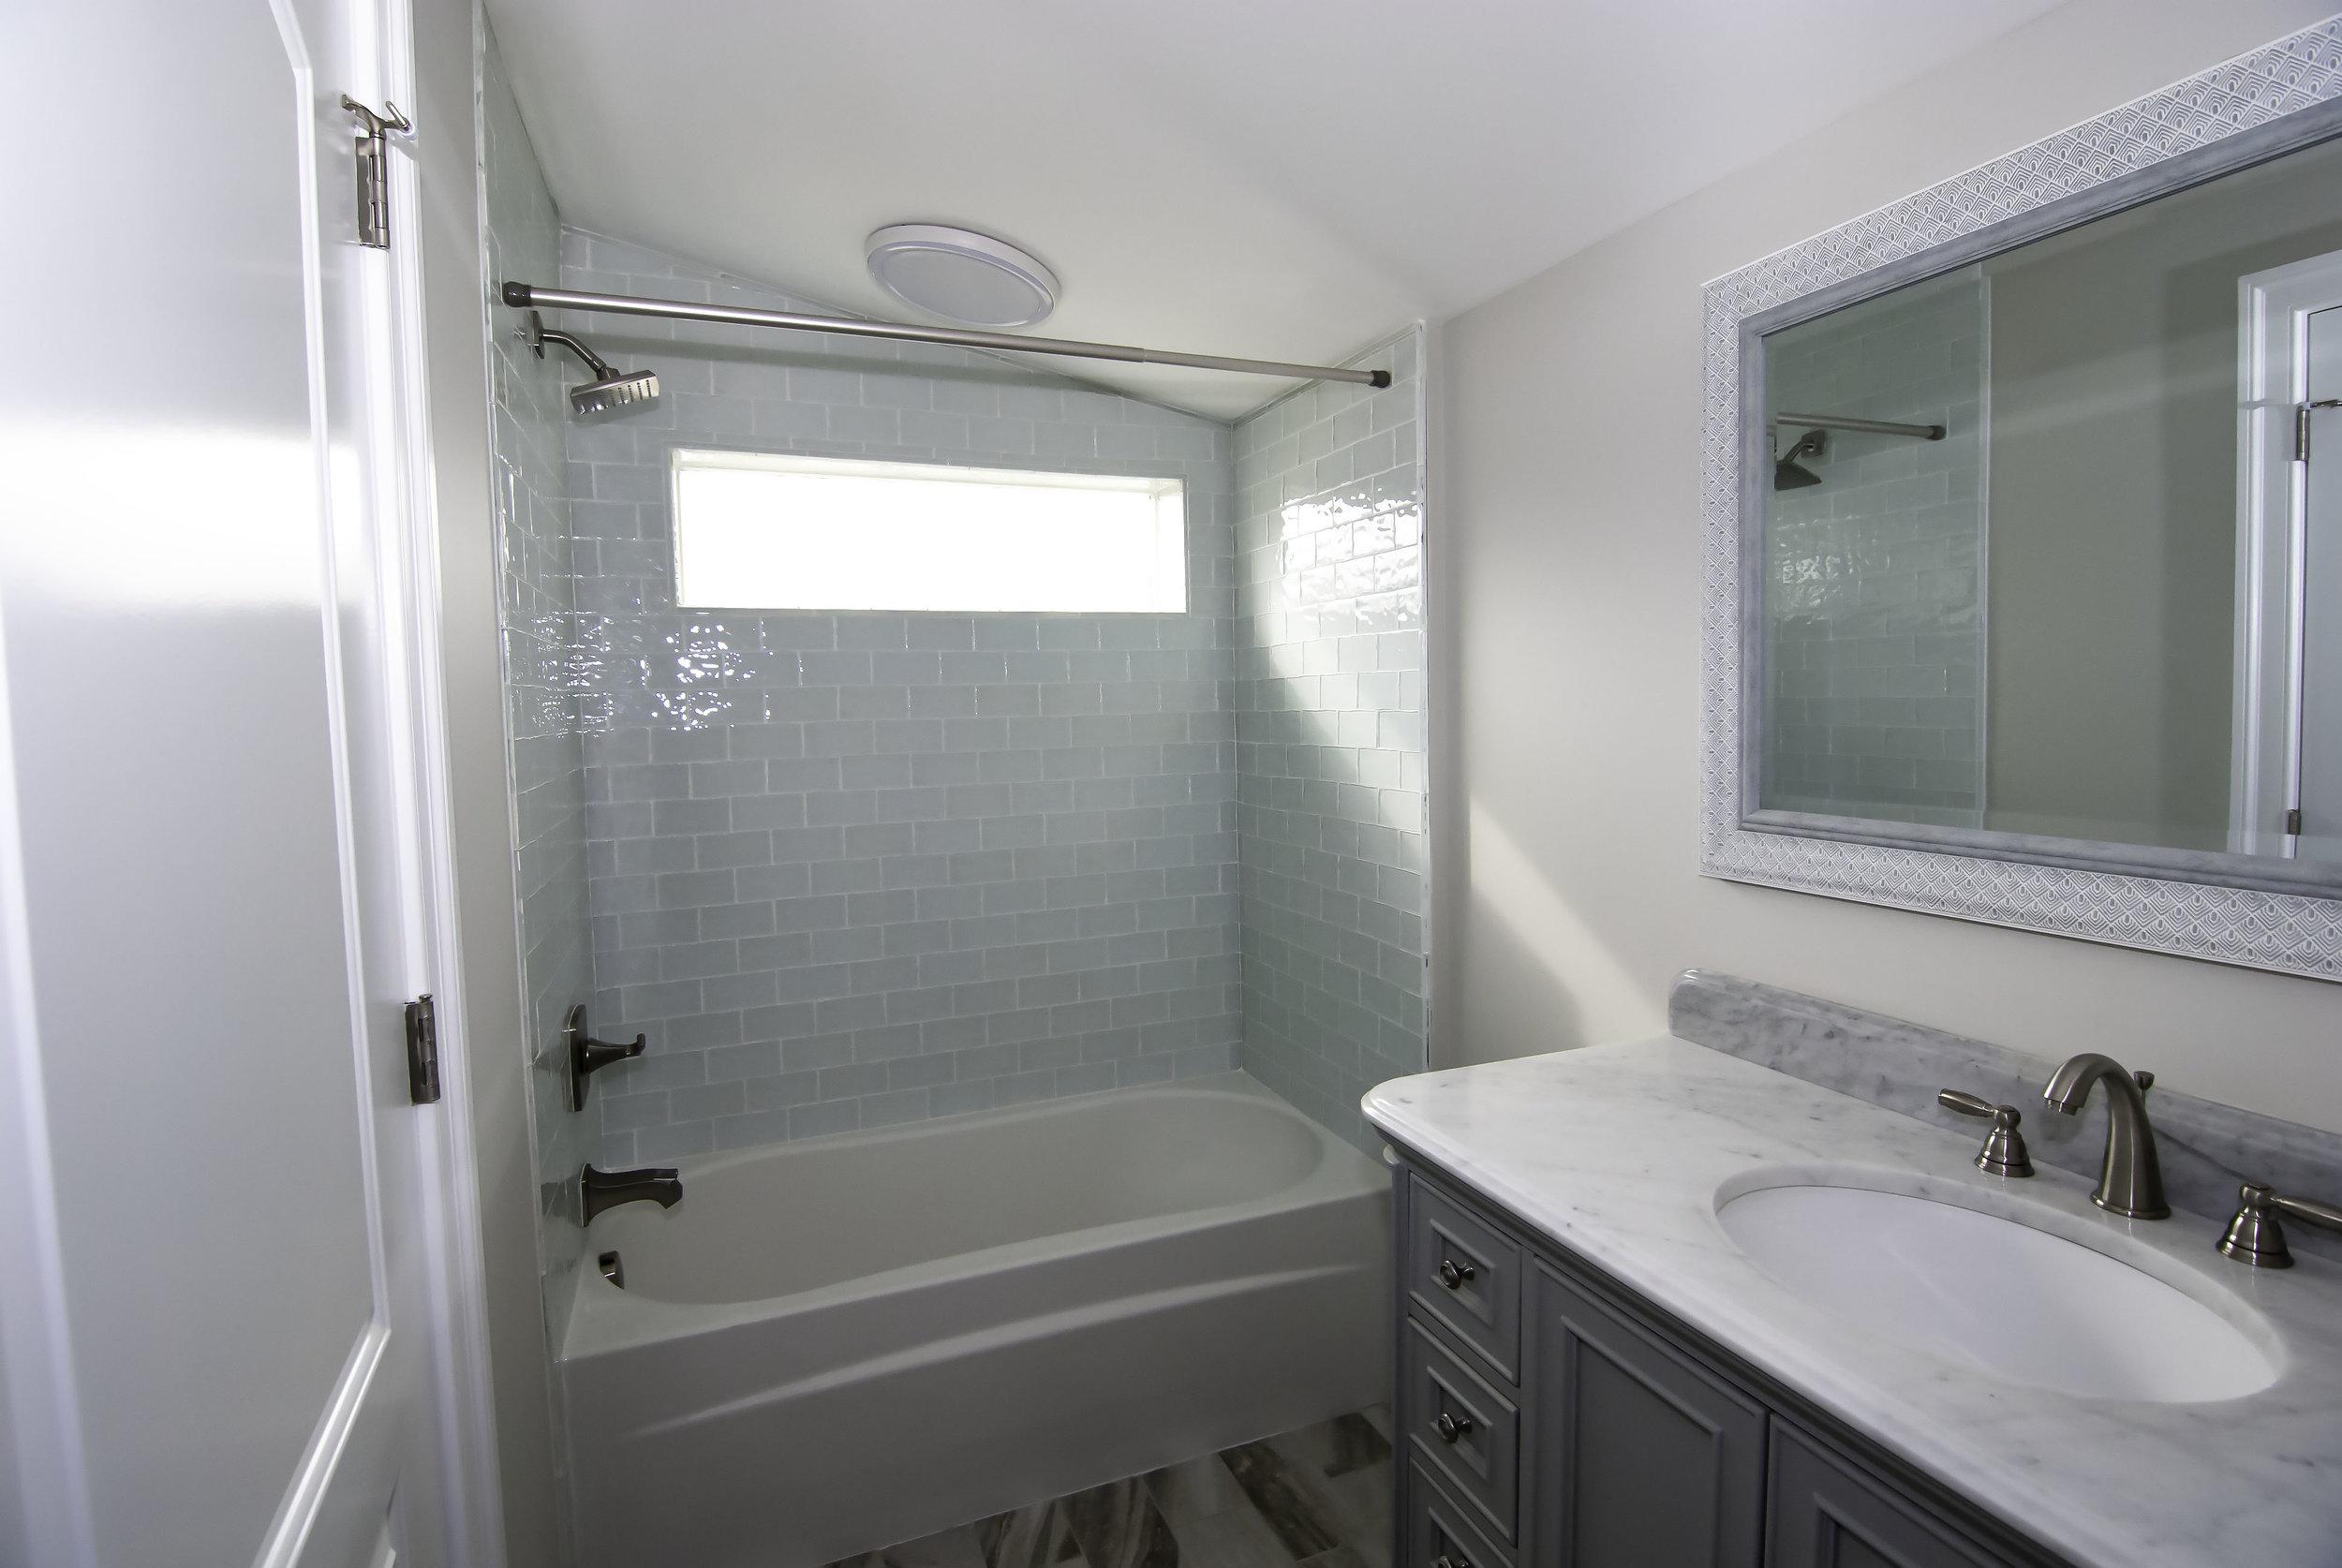 riverhouse upstairs bathroom 2.jpg